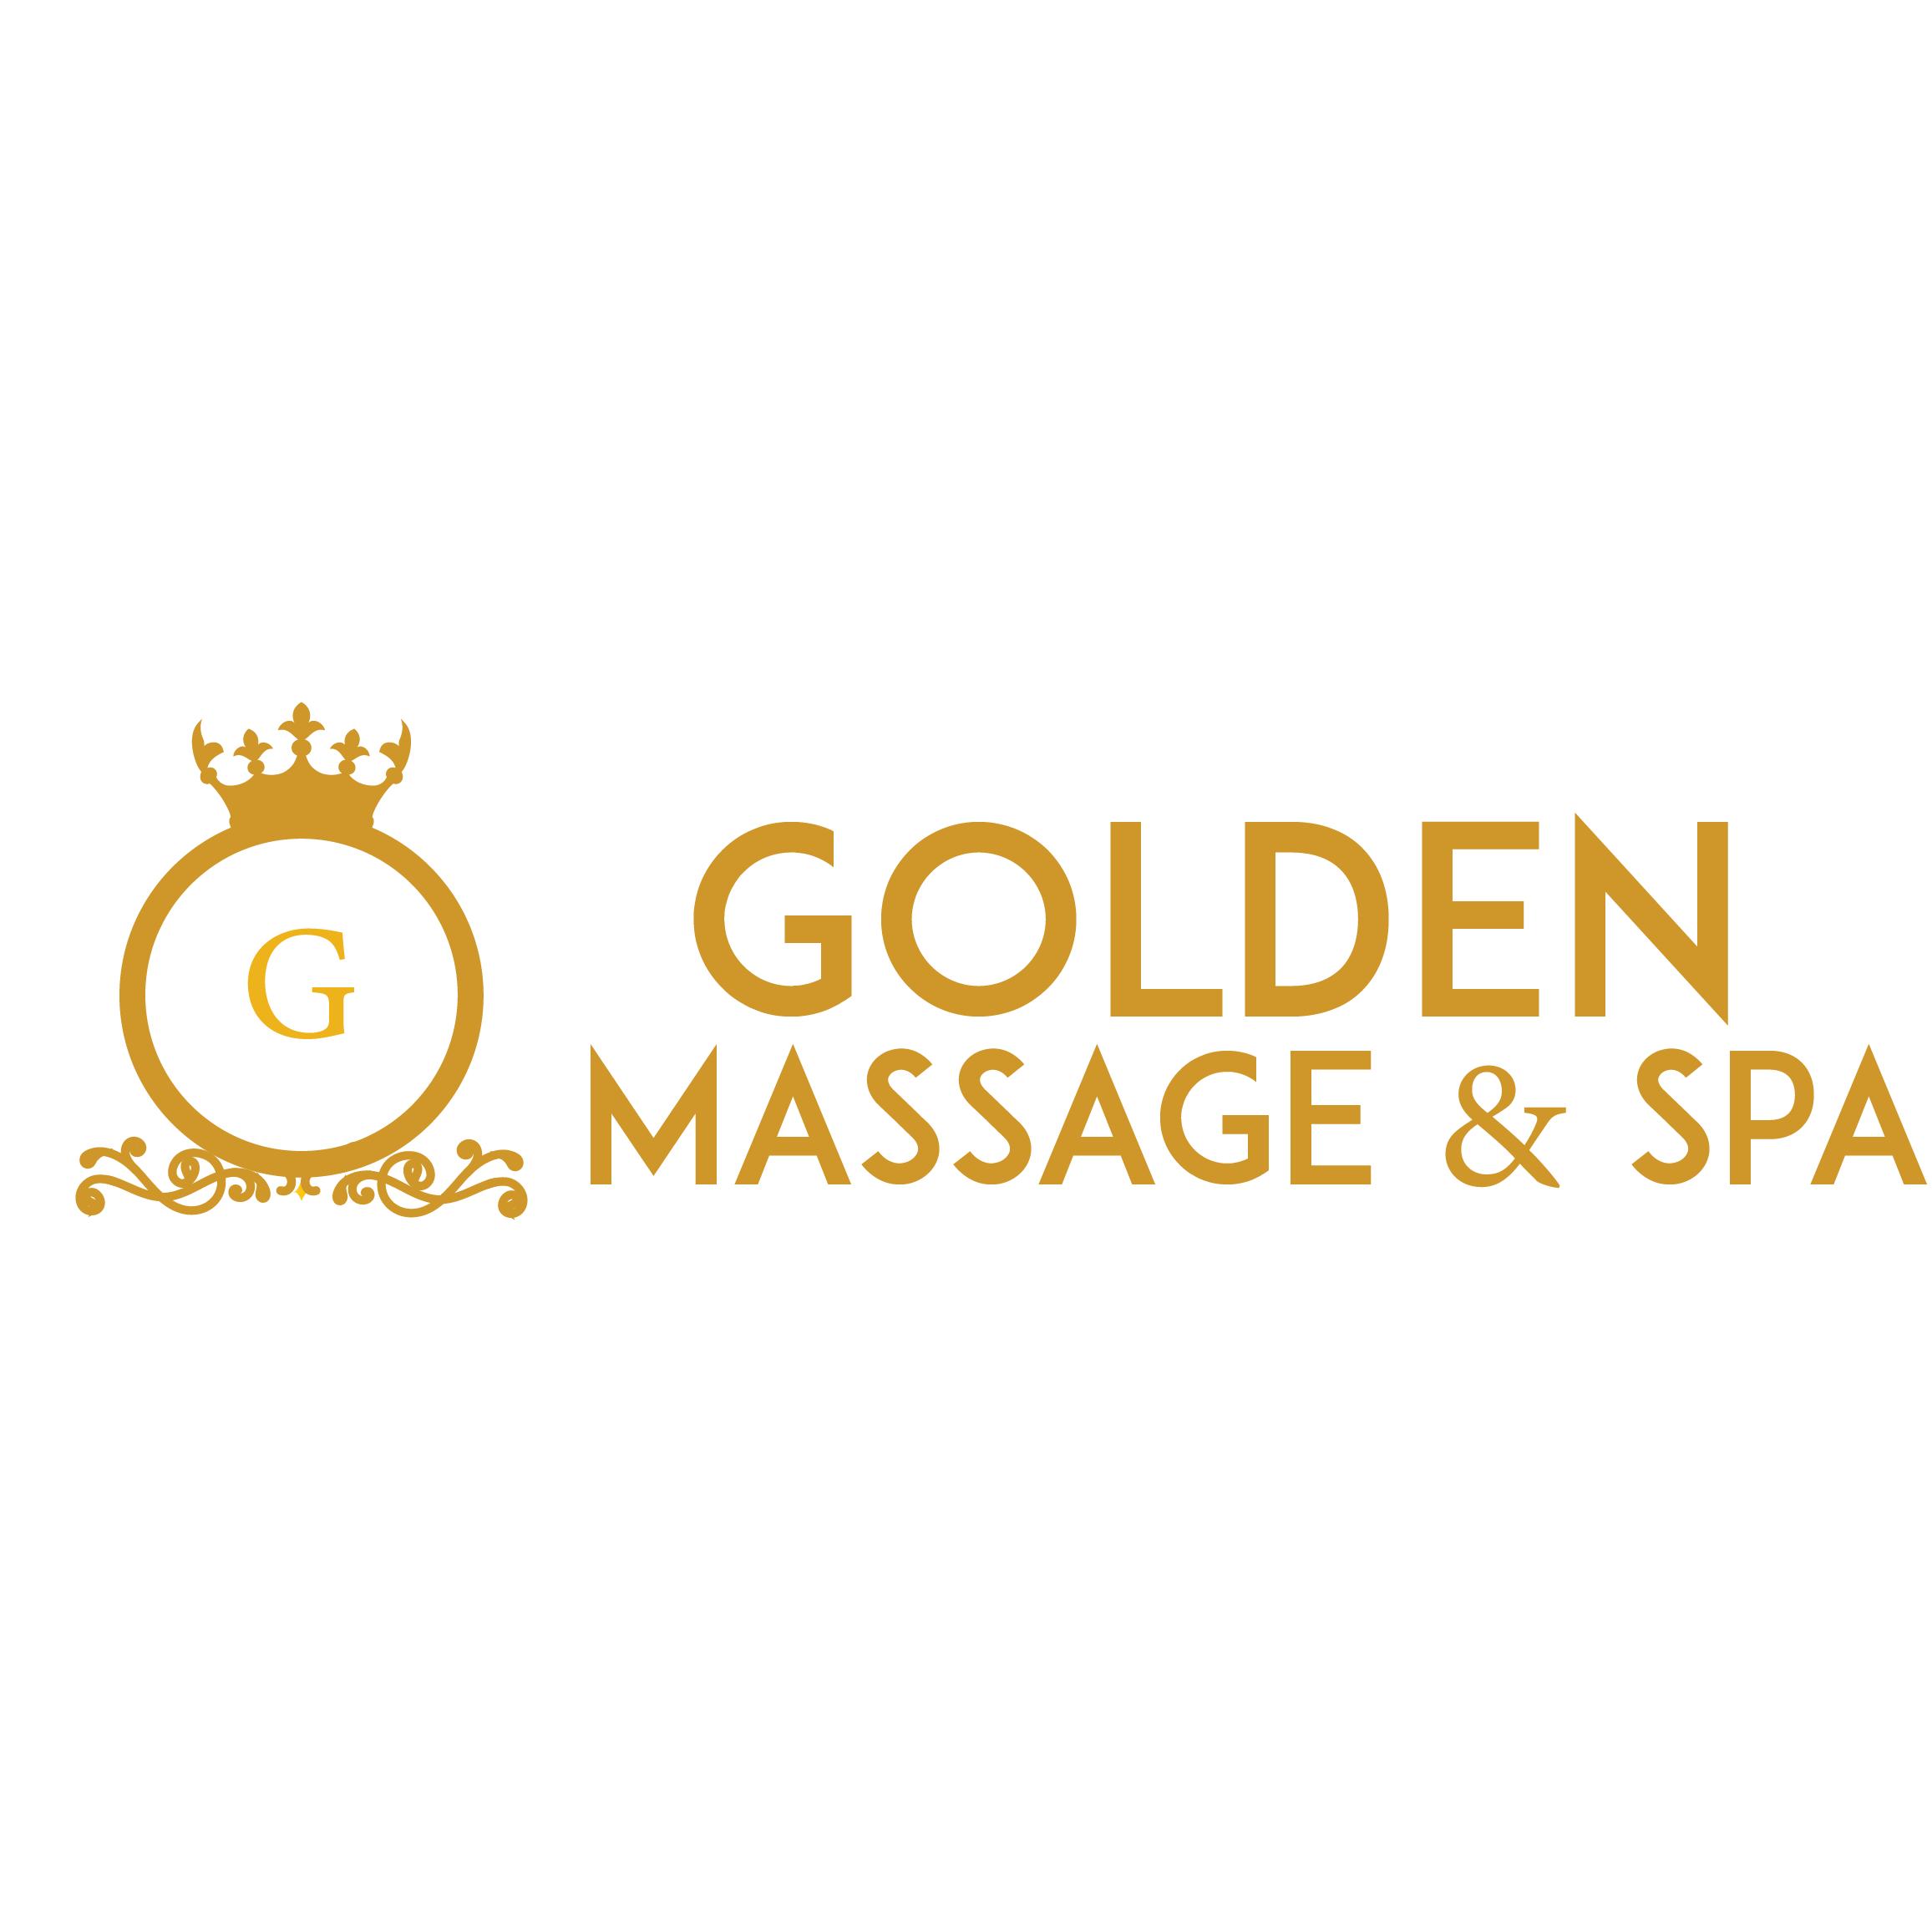 Golden Massage & Spa